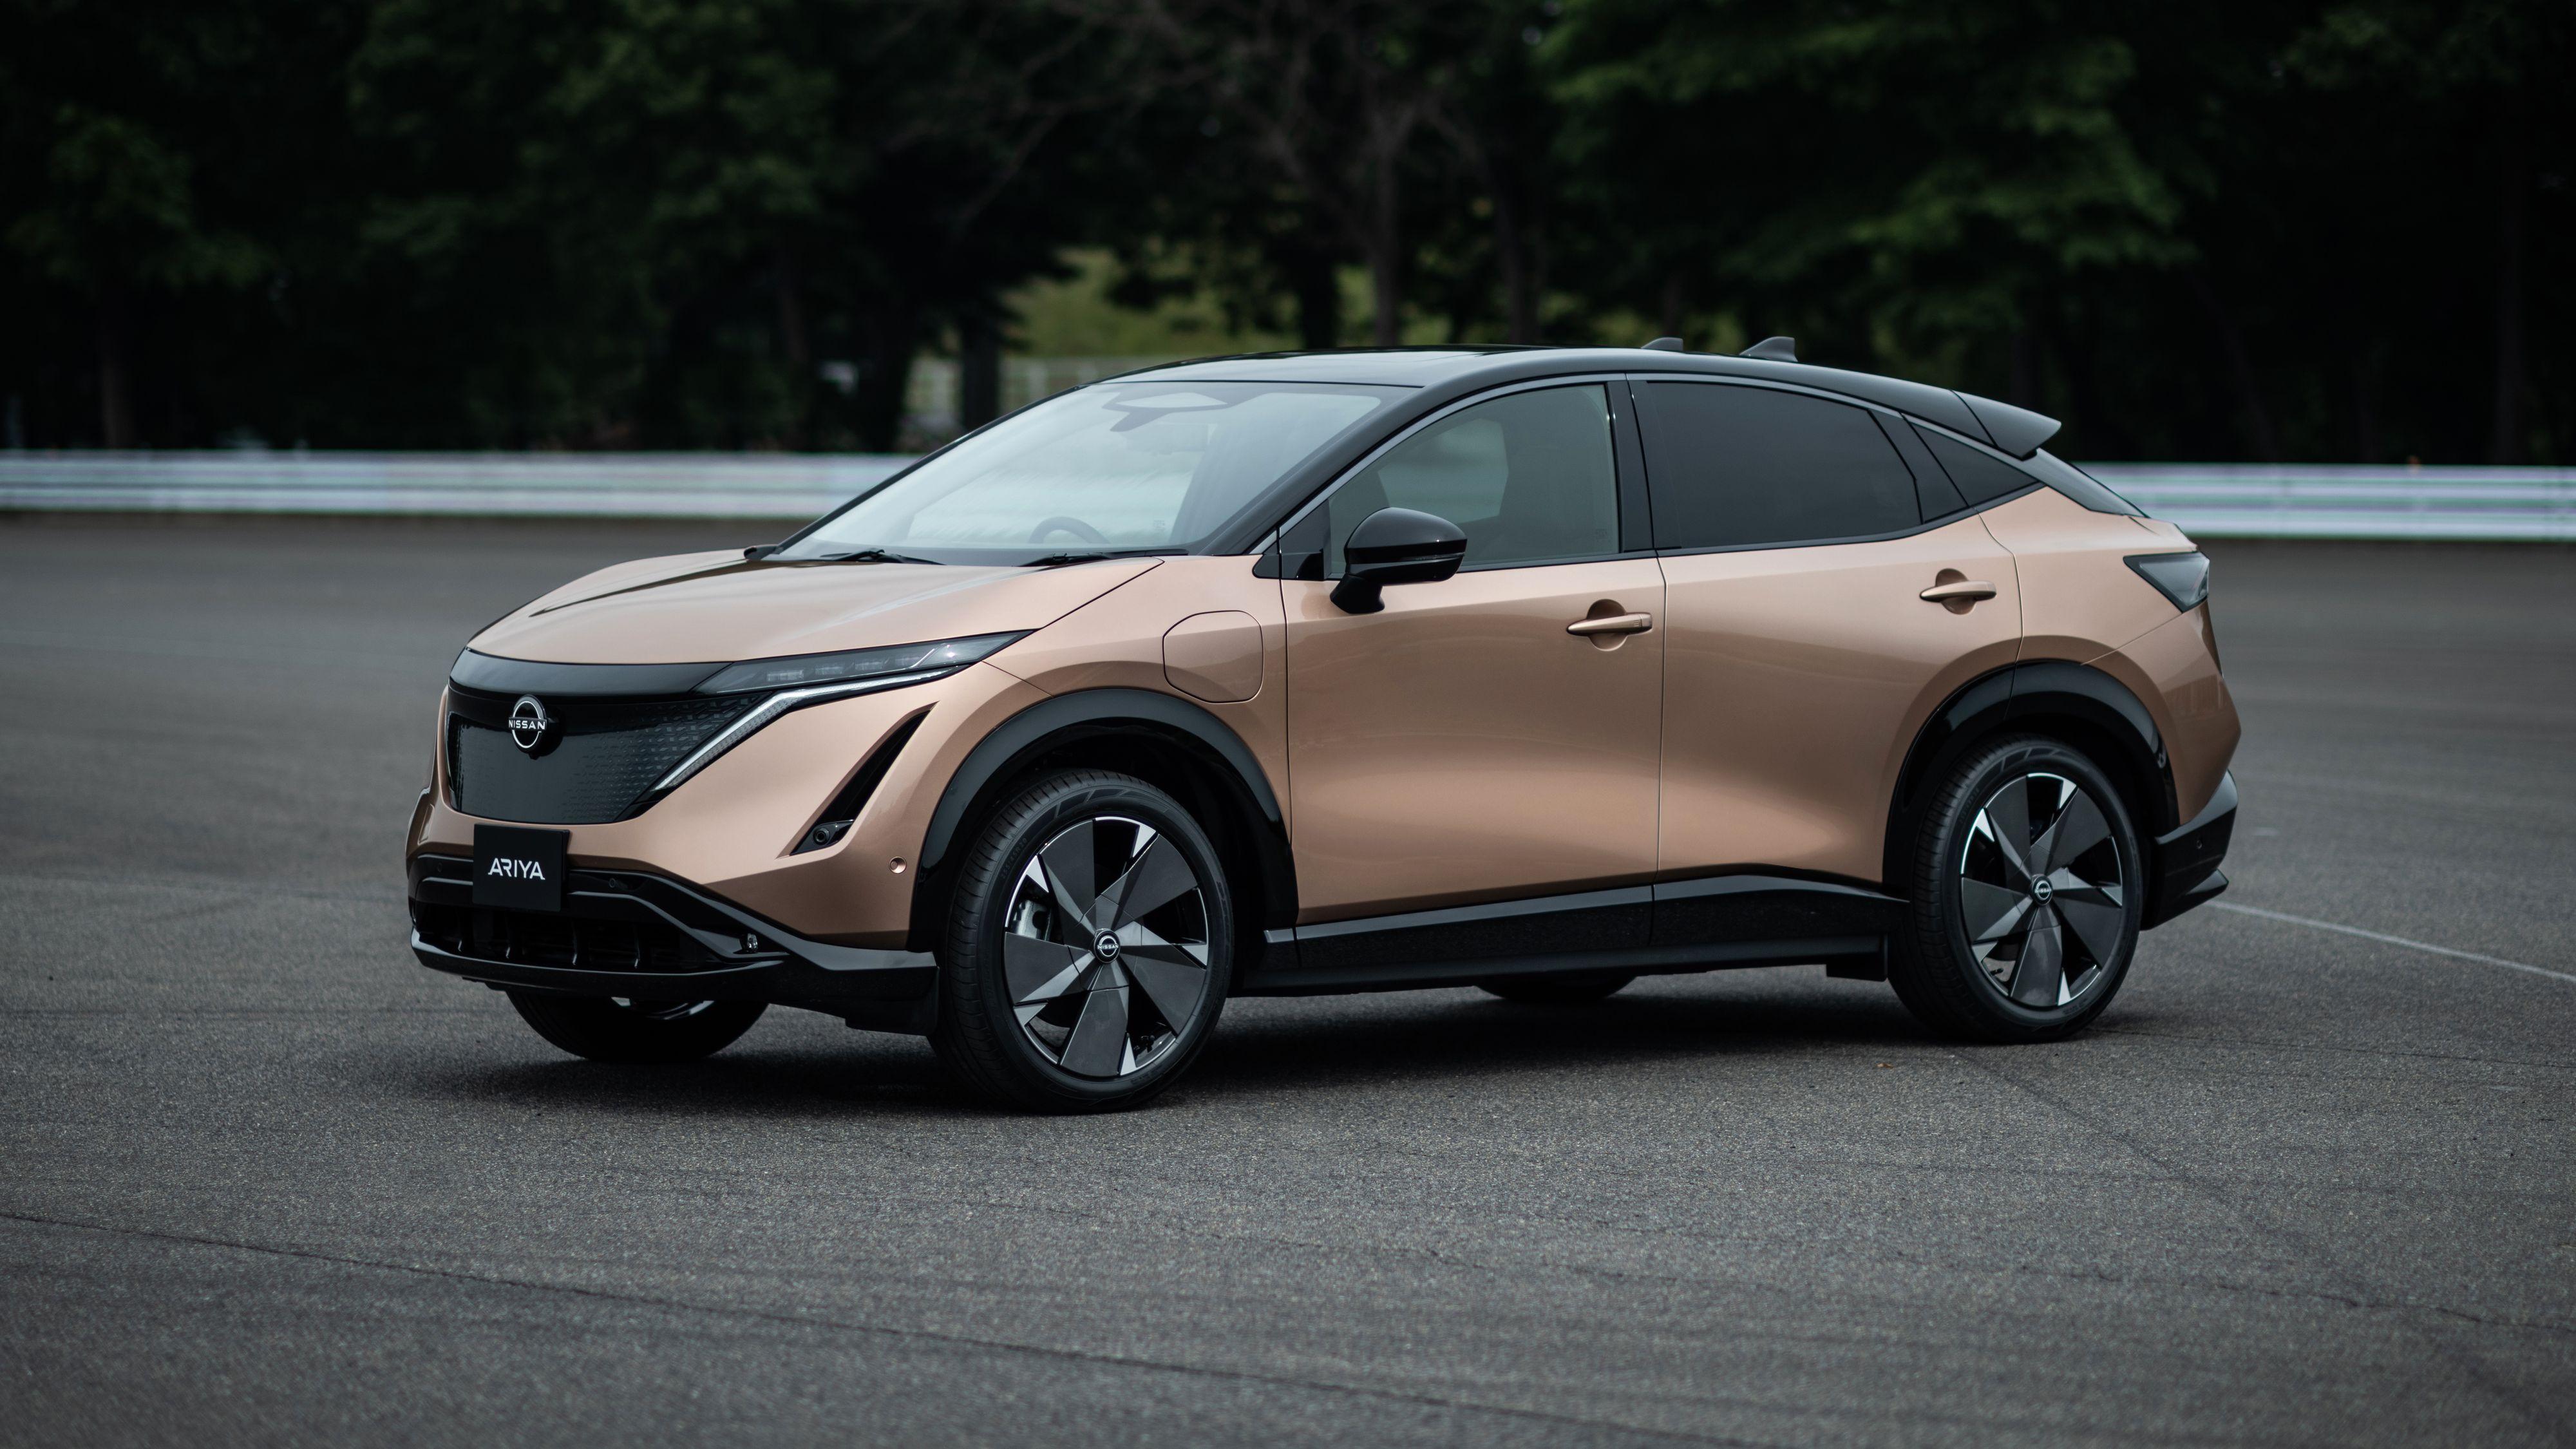 Produksjonsversjonen av Nissan Ariya blir nærmest identisk med konseptet vi så i fjor.